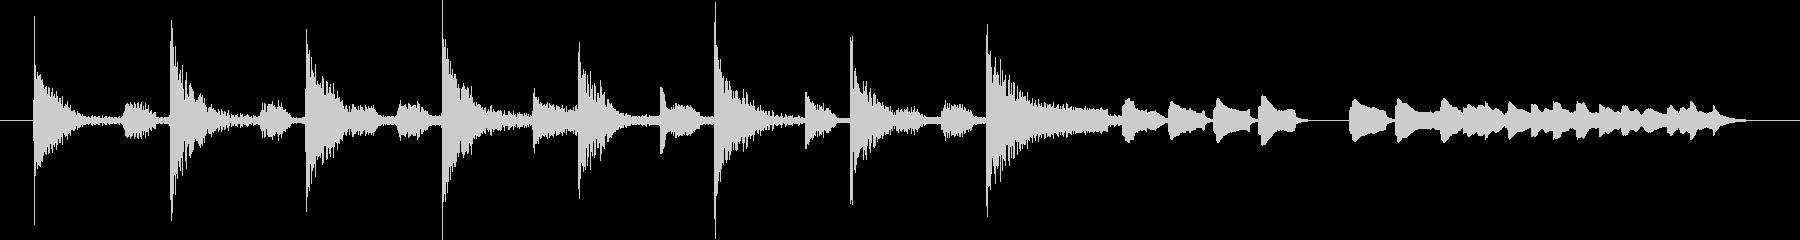 ブンチャブンチャ~テレレテッテレー 4の未再生の波形